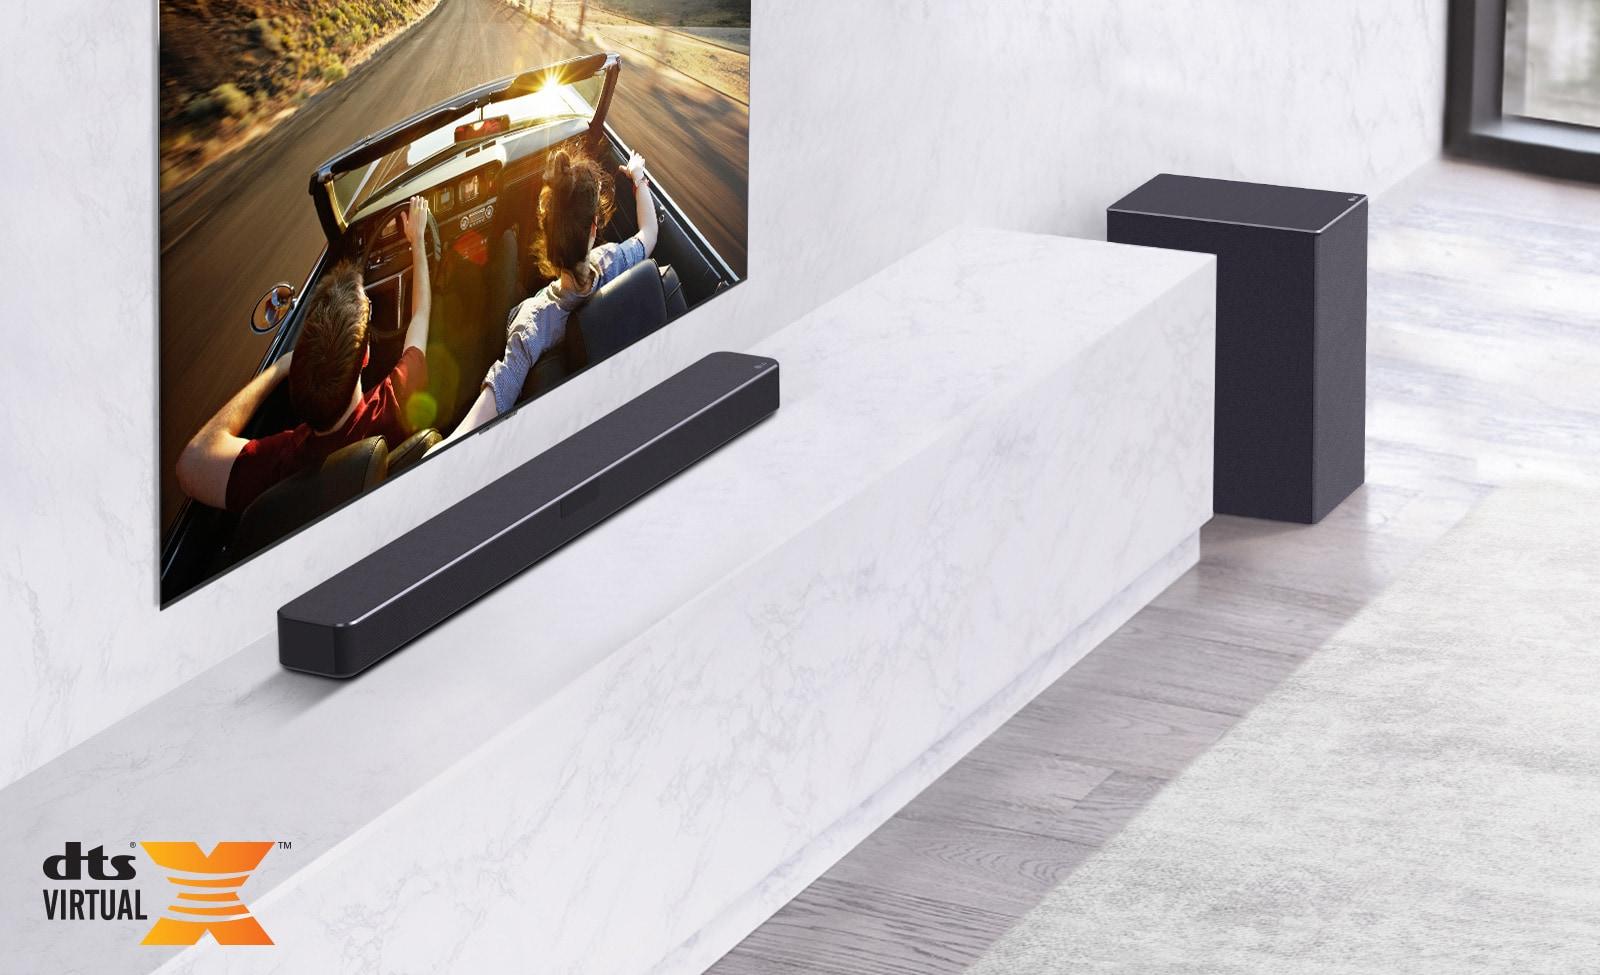 El televisor está instalado en la pared, la barra de sonido LG está debajo encima de un estante de mármol blanco con un subwoofer a la derecha. El televisor muestra una pareja en un coche.